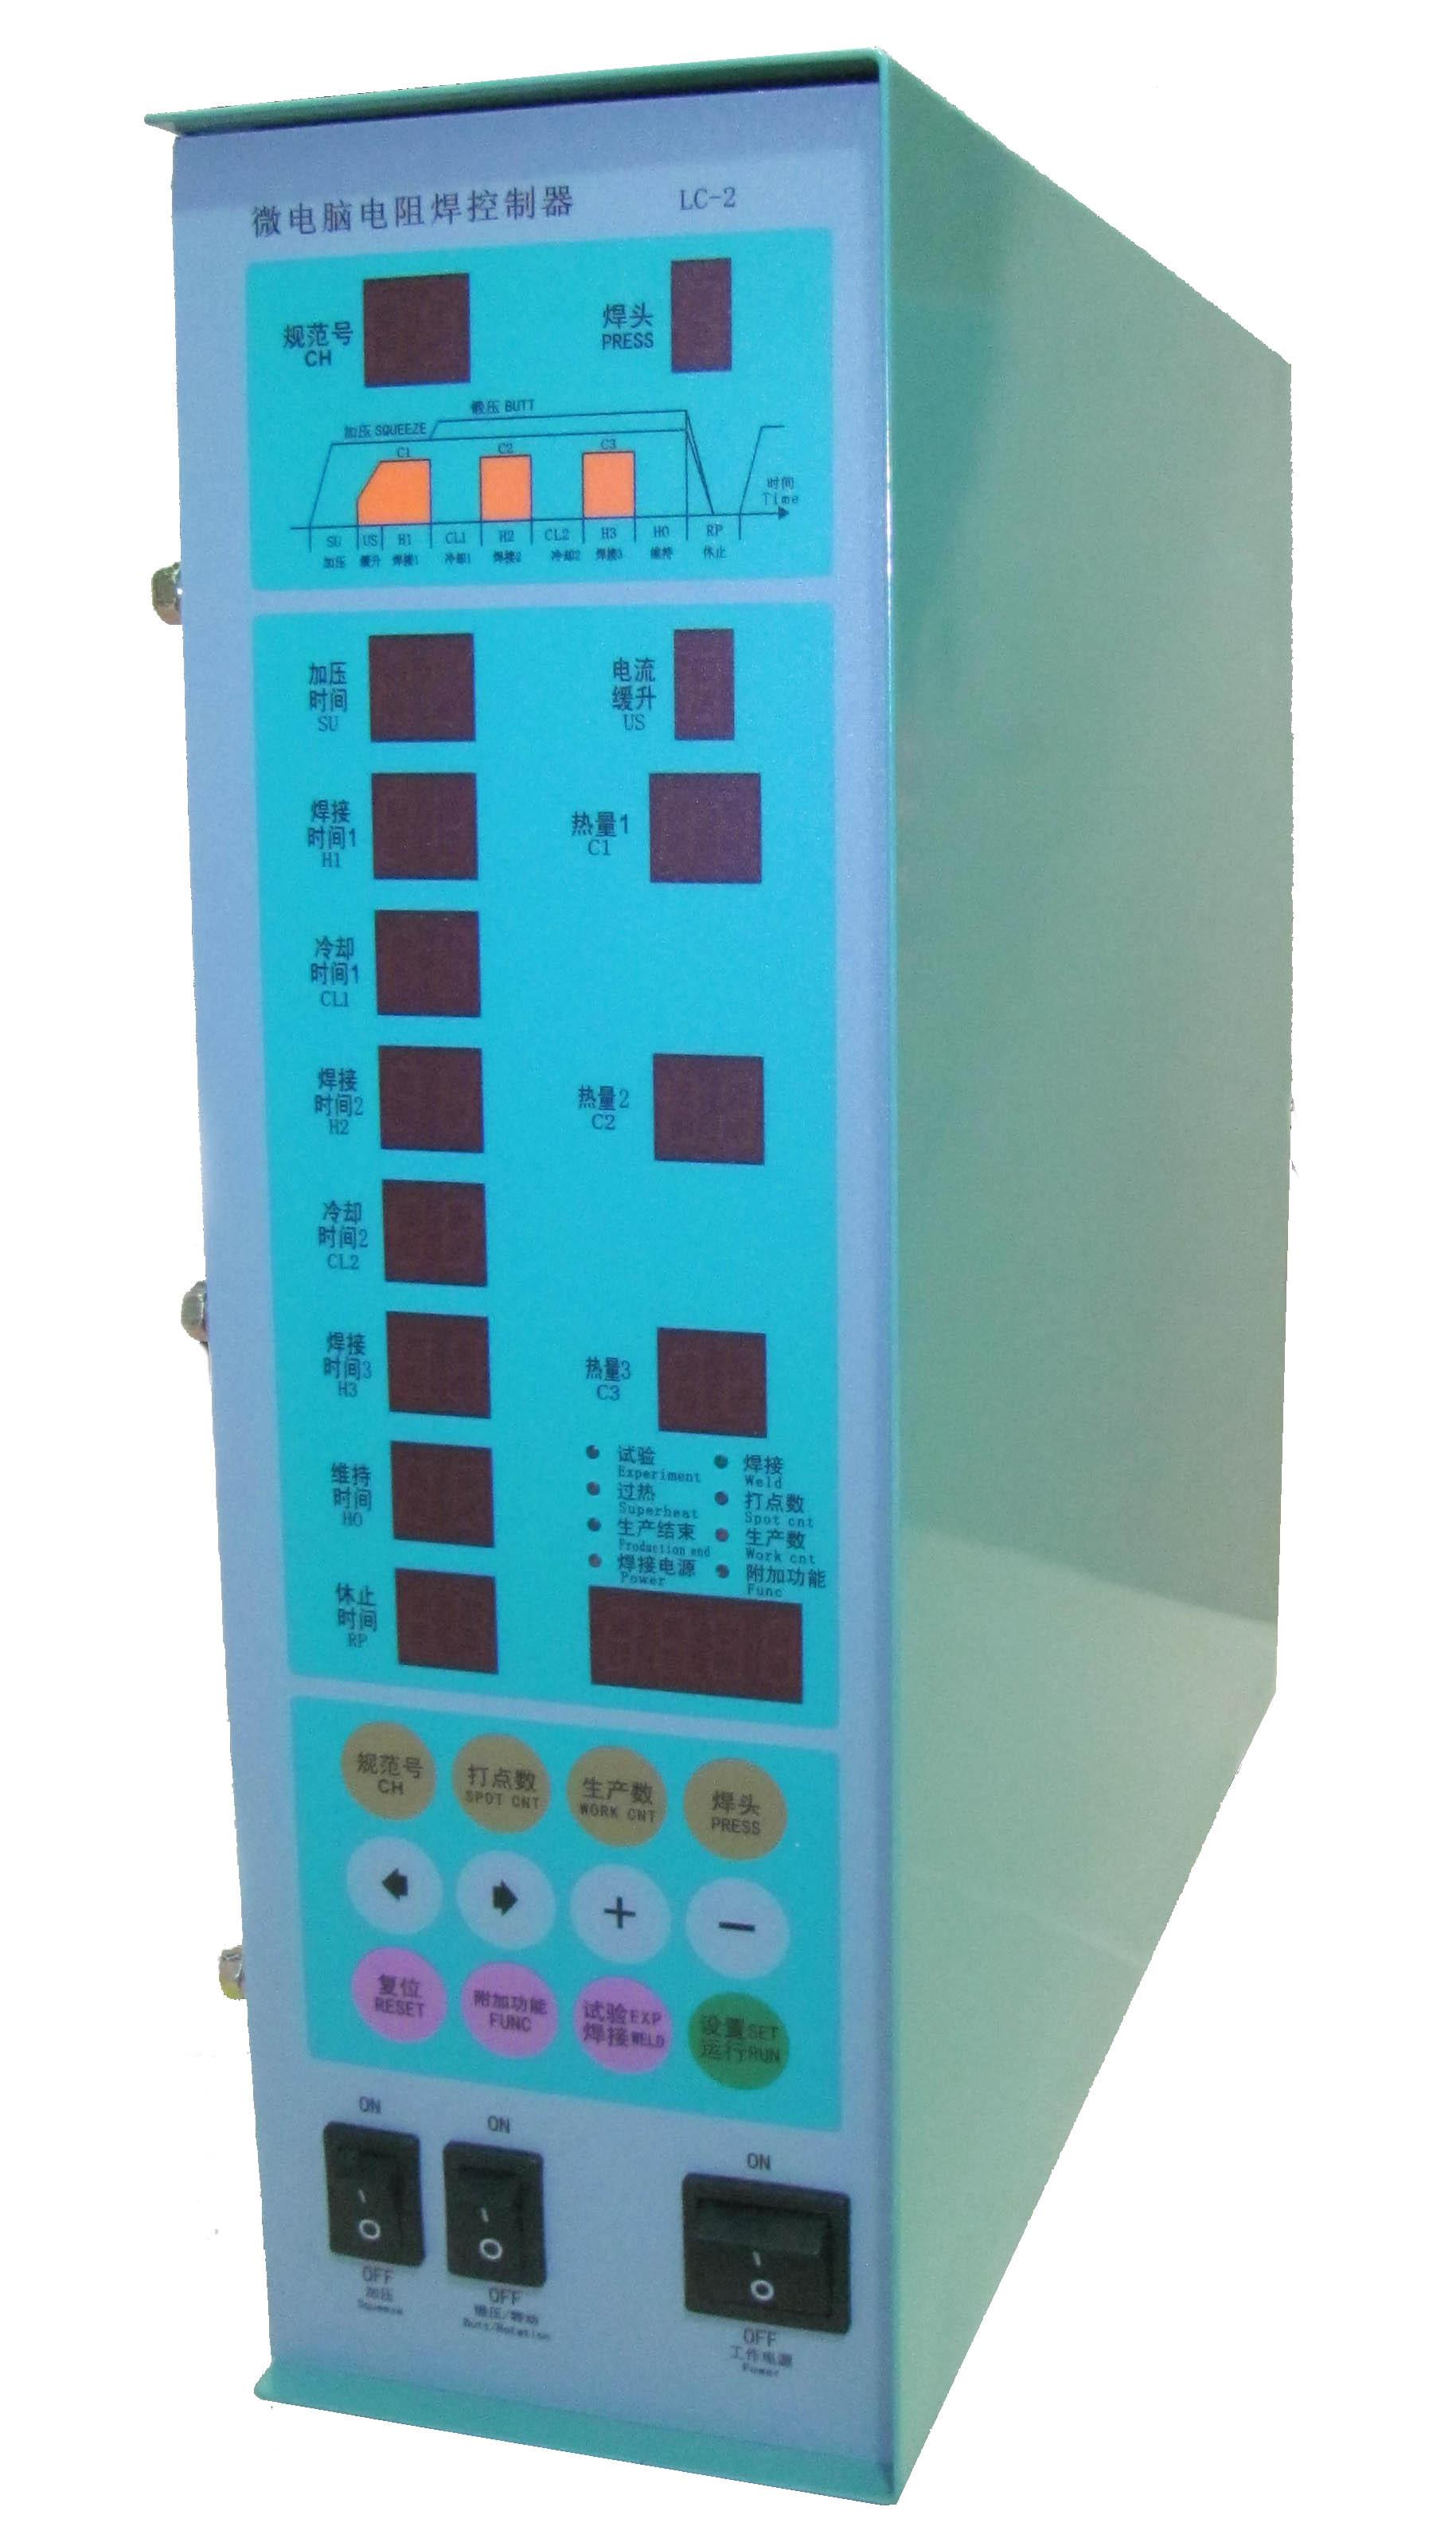 电阻焊控制器(LC-2)